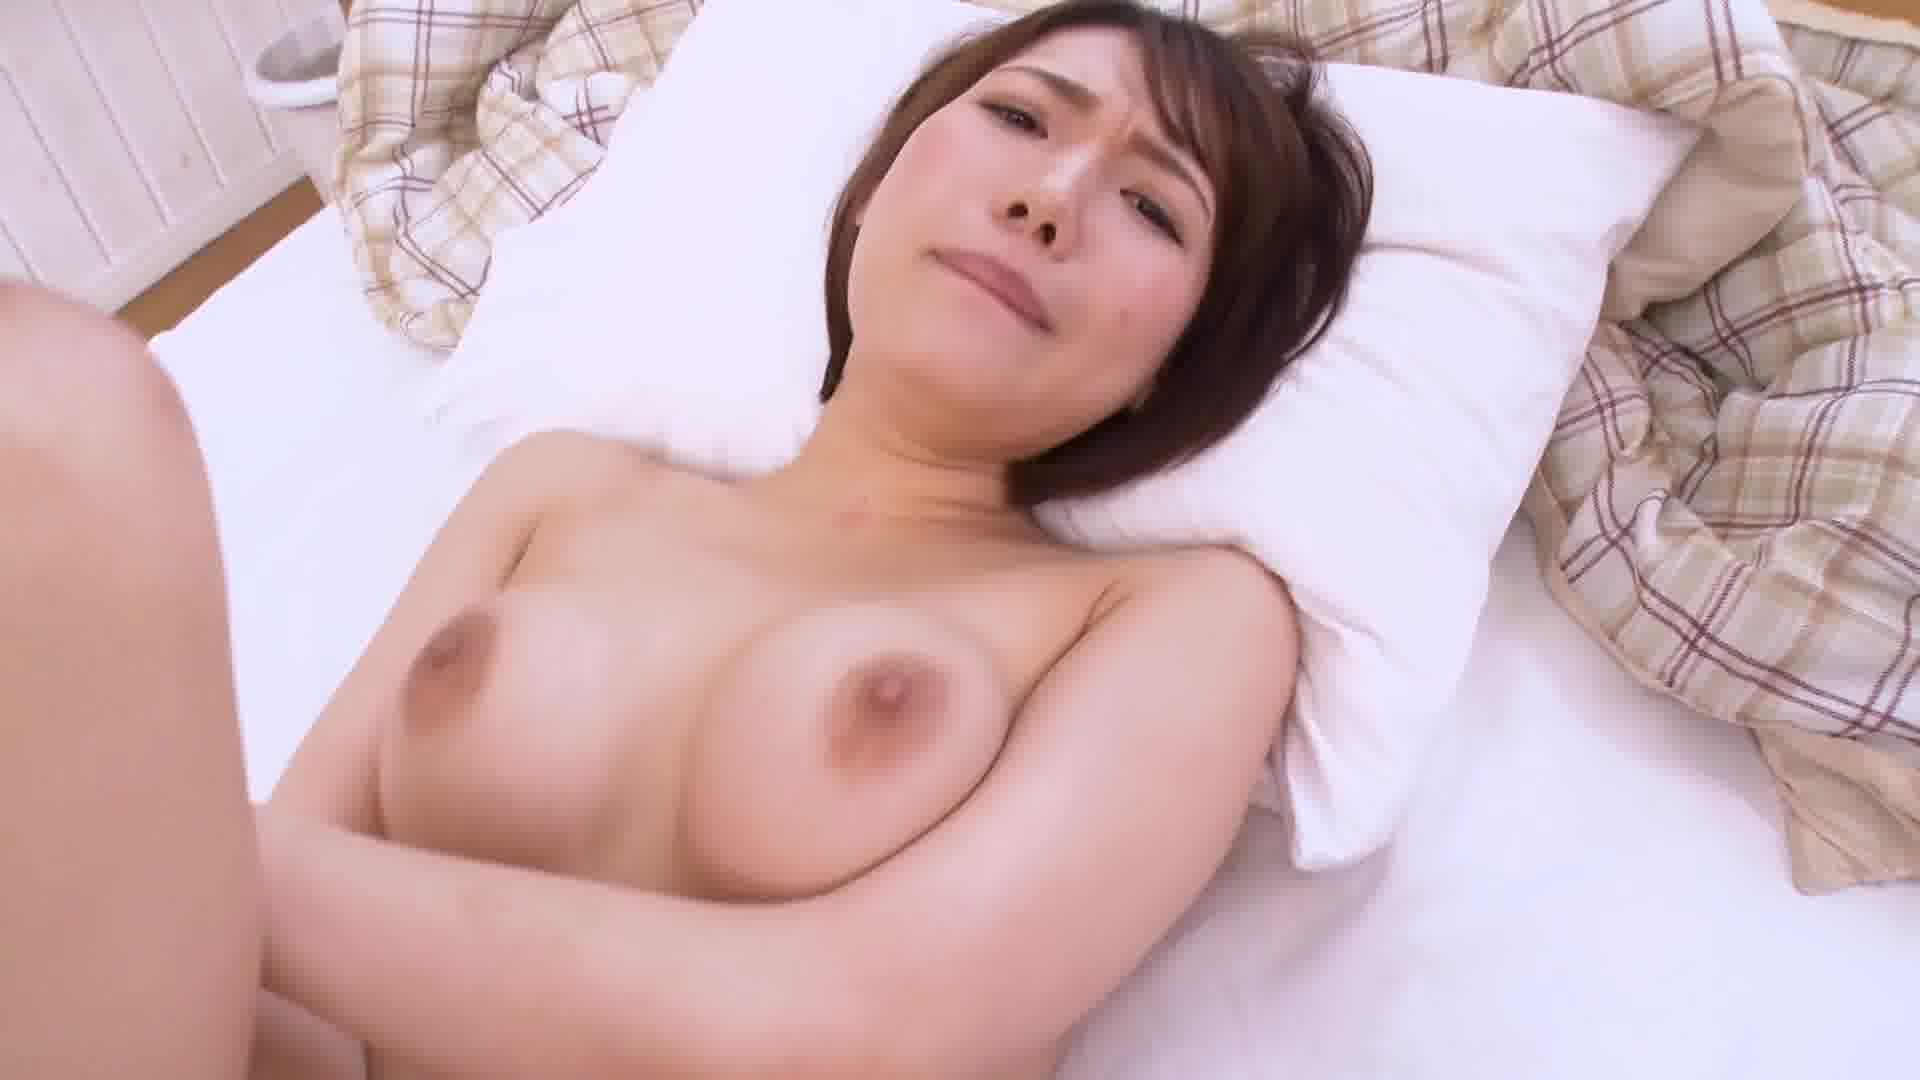 僕の彼女が菊川みつ葉だったら ~いつも朝勃ちを狙ってくるので毎朝遅刻です~ - 菊川みつ葉【巨乳・パイパン・中出し】